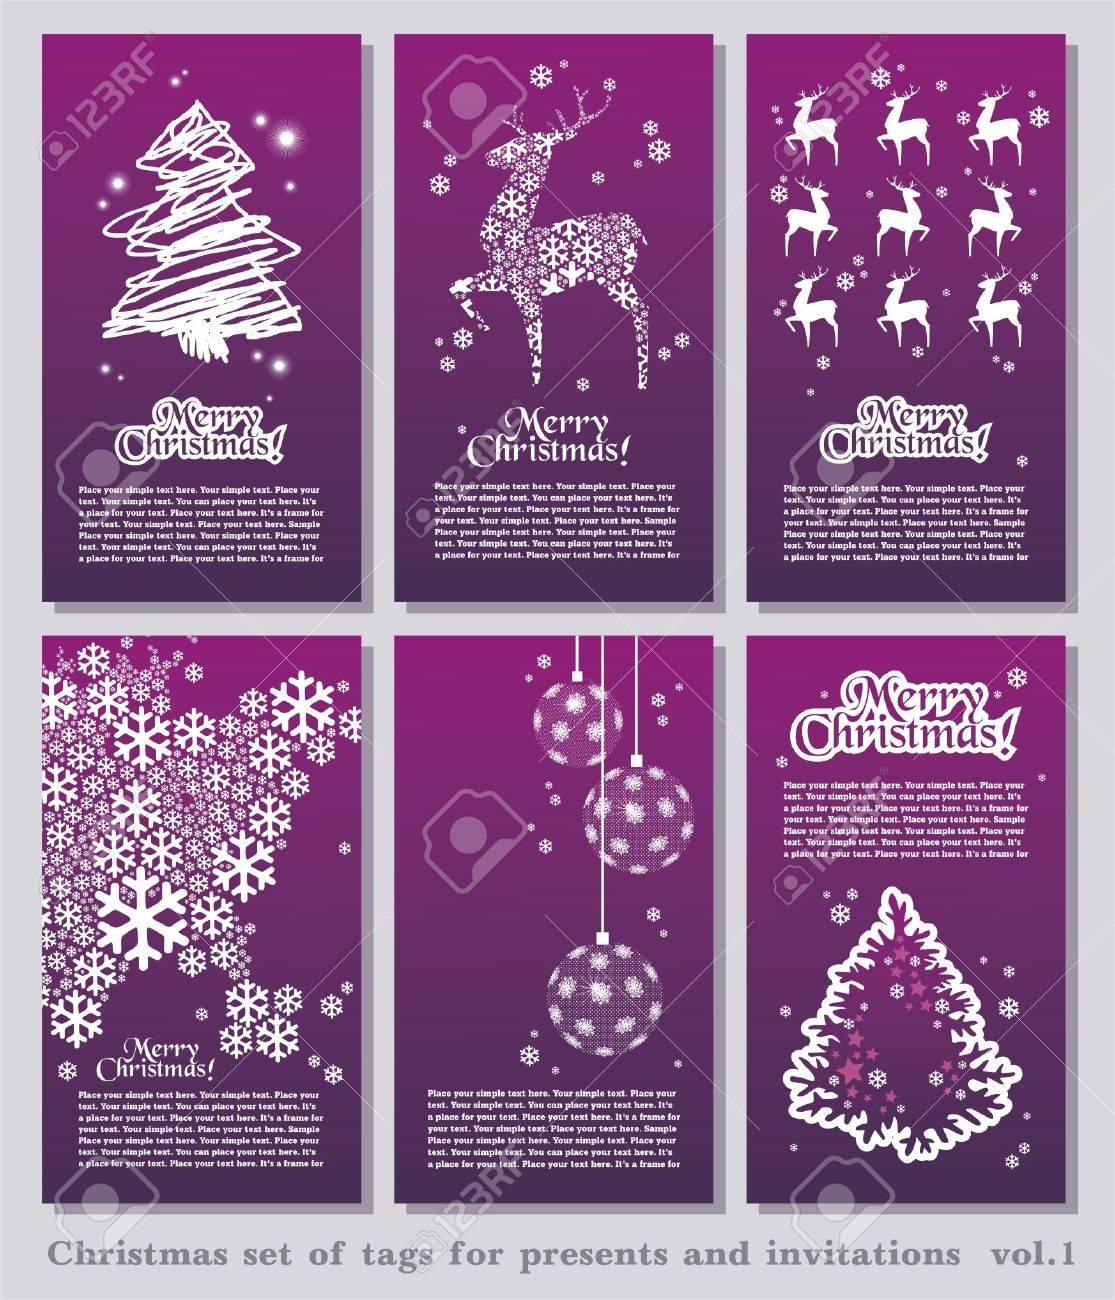 conjunto de etiquetas de navidad mnima simple con elementos decorativos de navidad y el espacio para